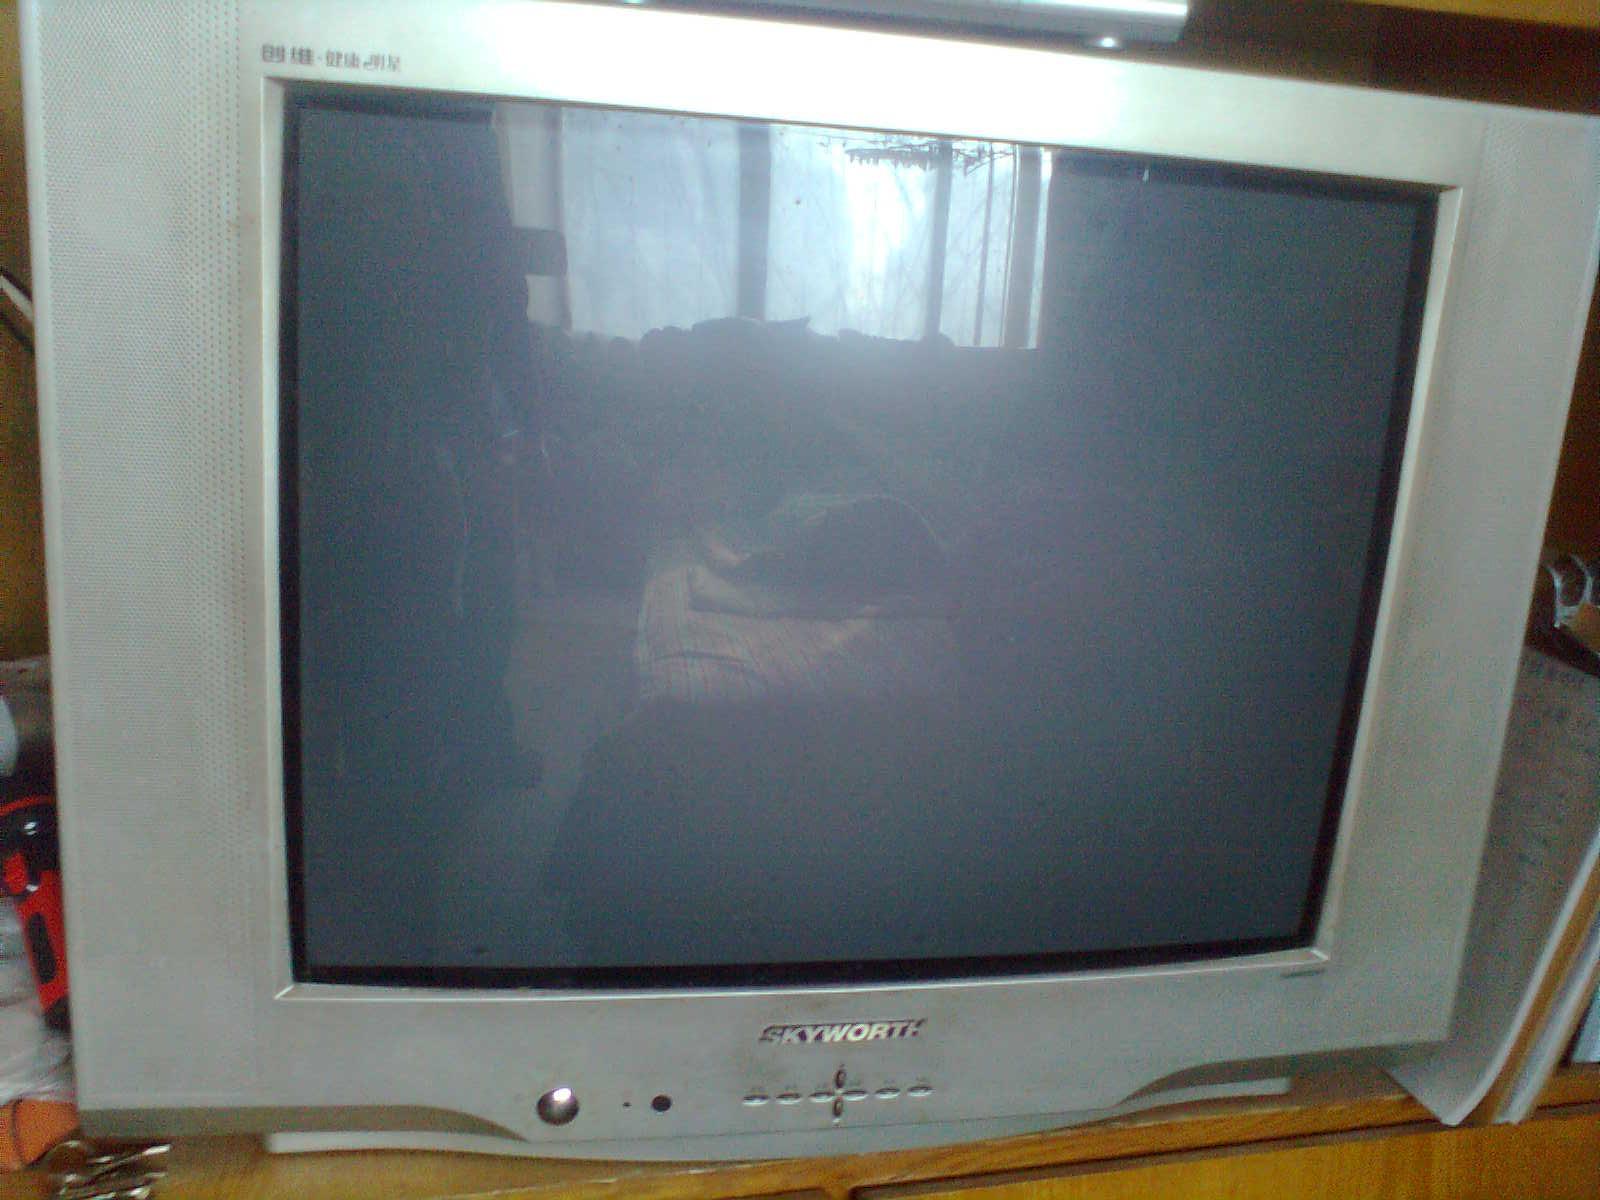 烟台论坛-烟台社区-处理29寸纯平创维电视一台已卖